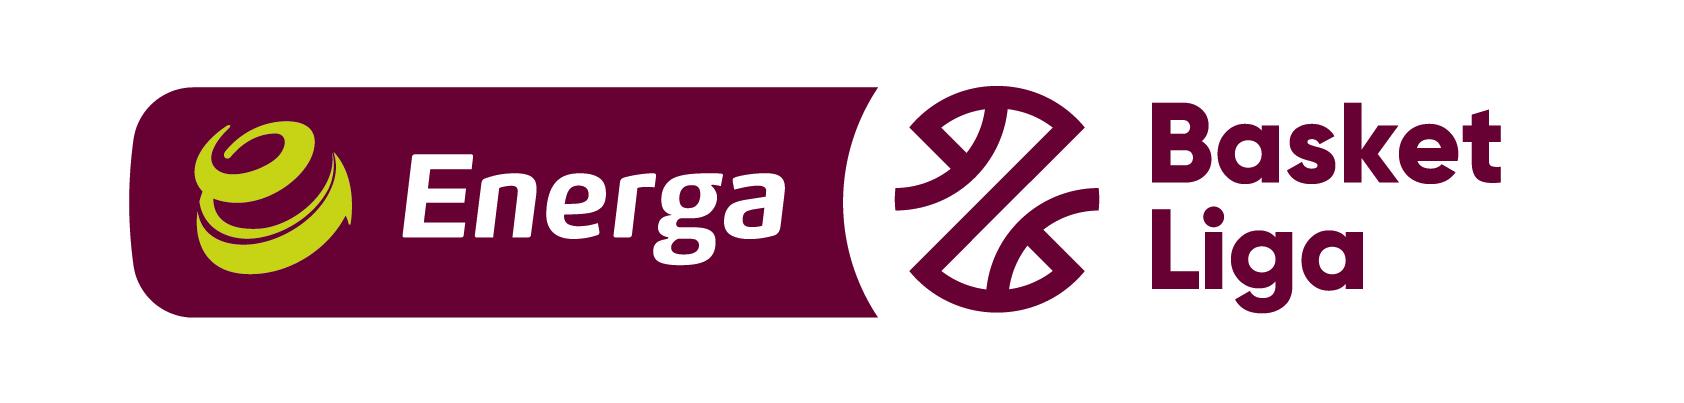 Energa Basket Liga